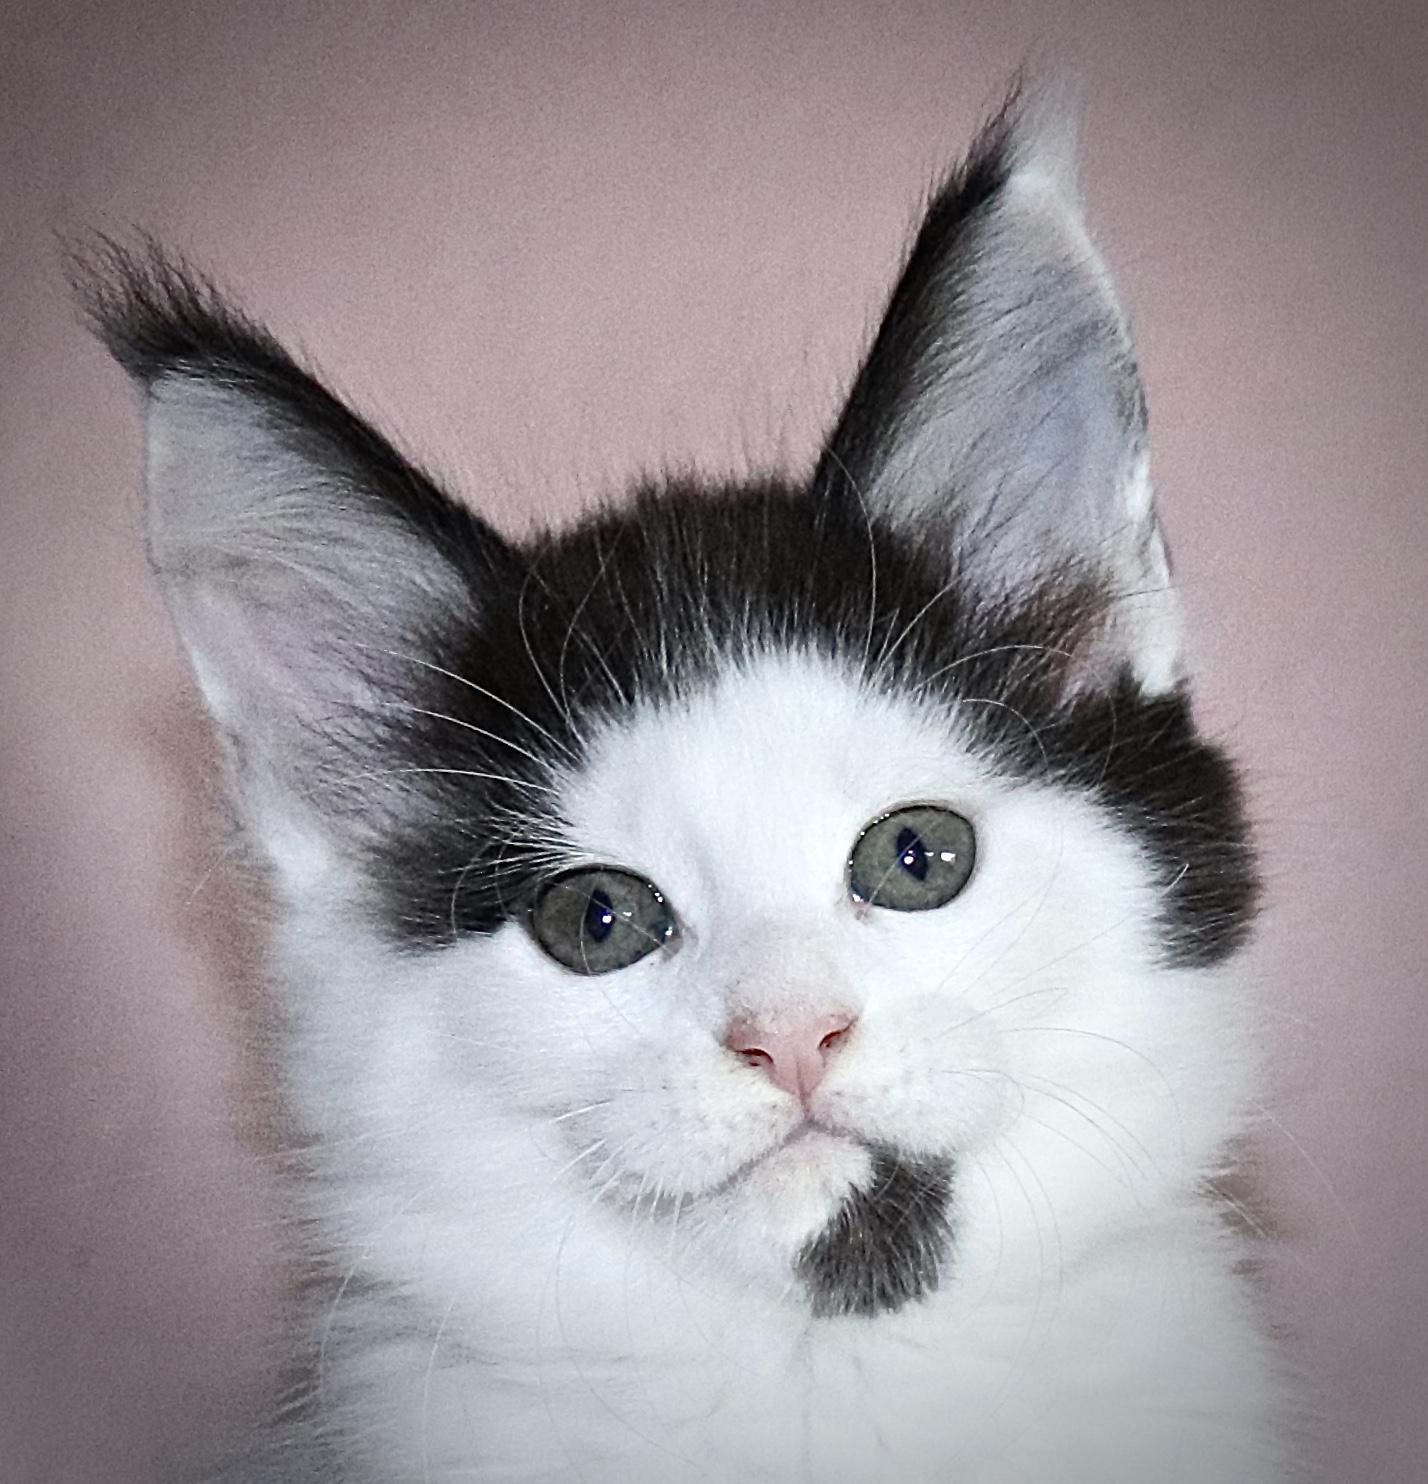 kočka VRH I: ISABELLA UNO VON ERILLIAN*CZ